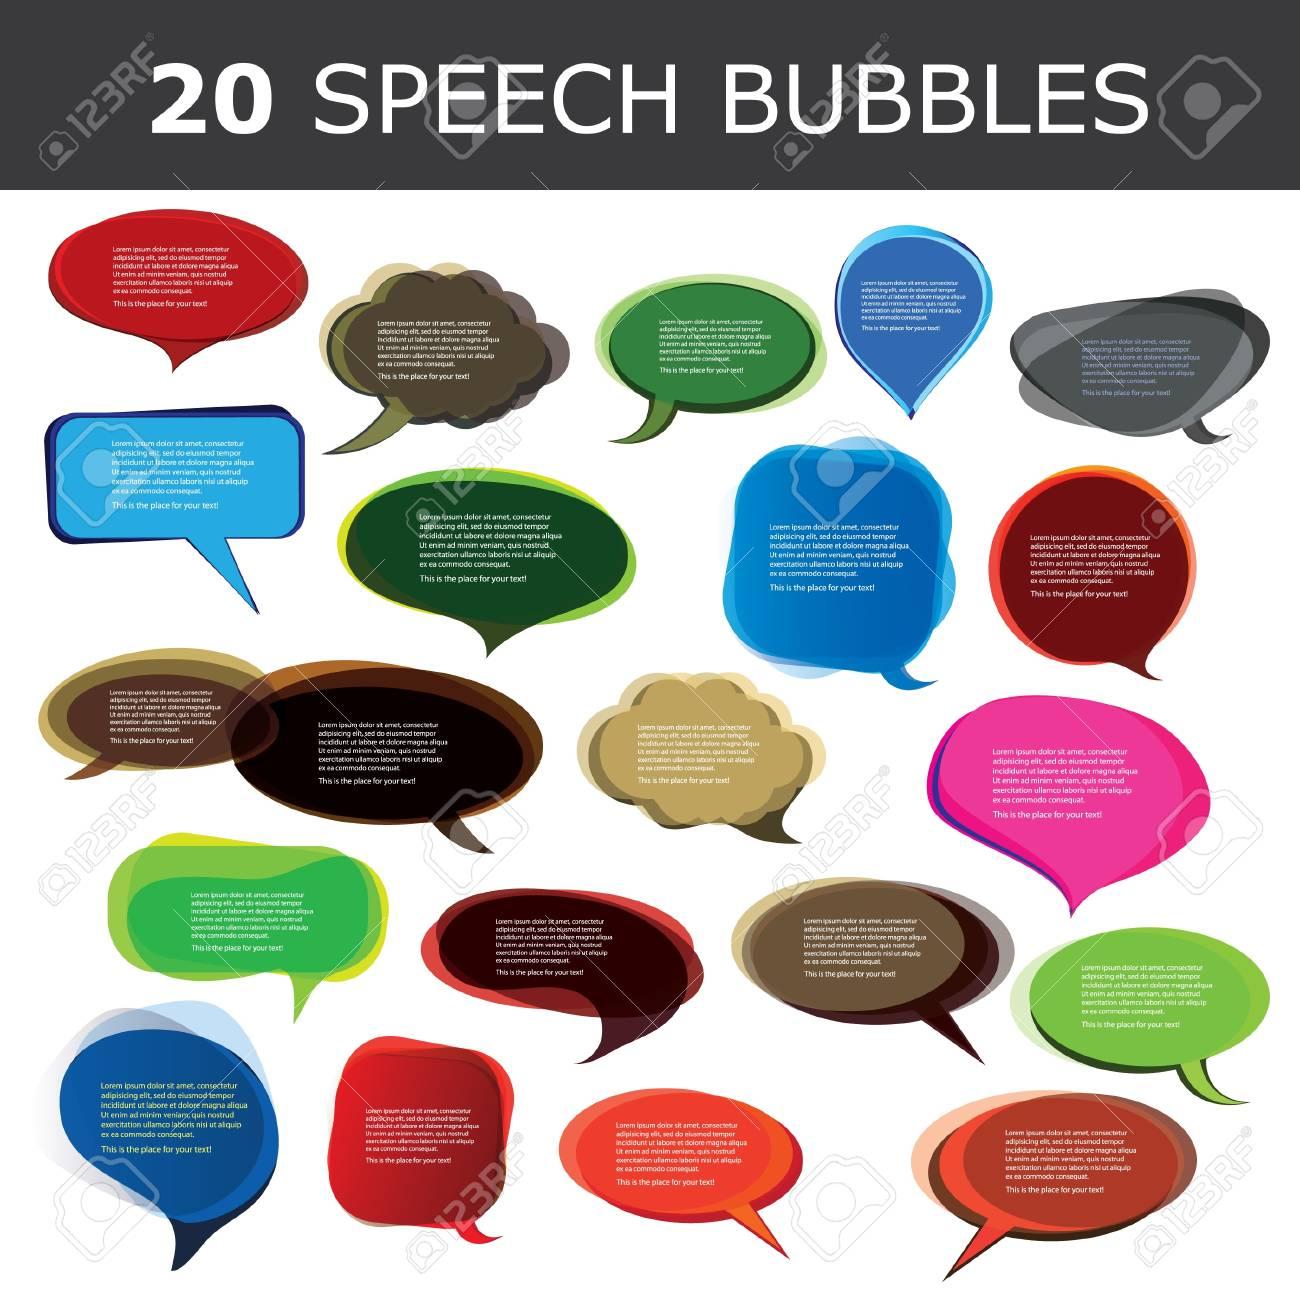 Speech bubble vectors Stock Vector - 10023933